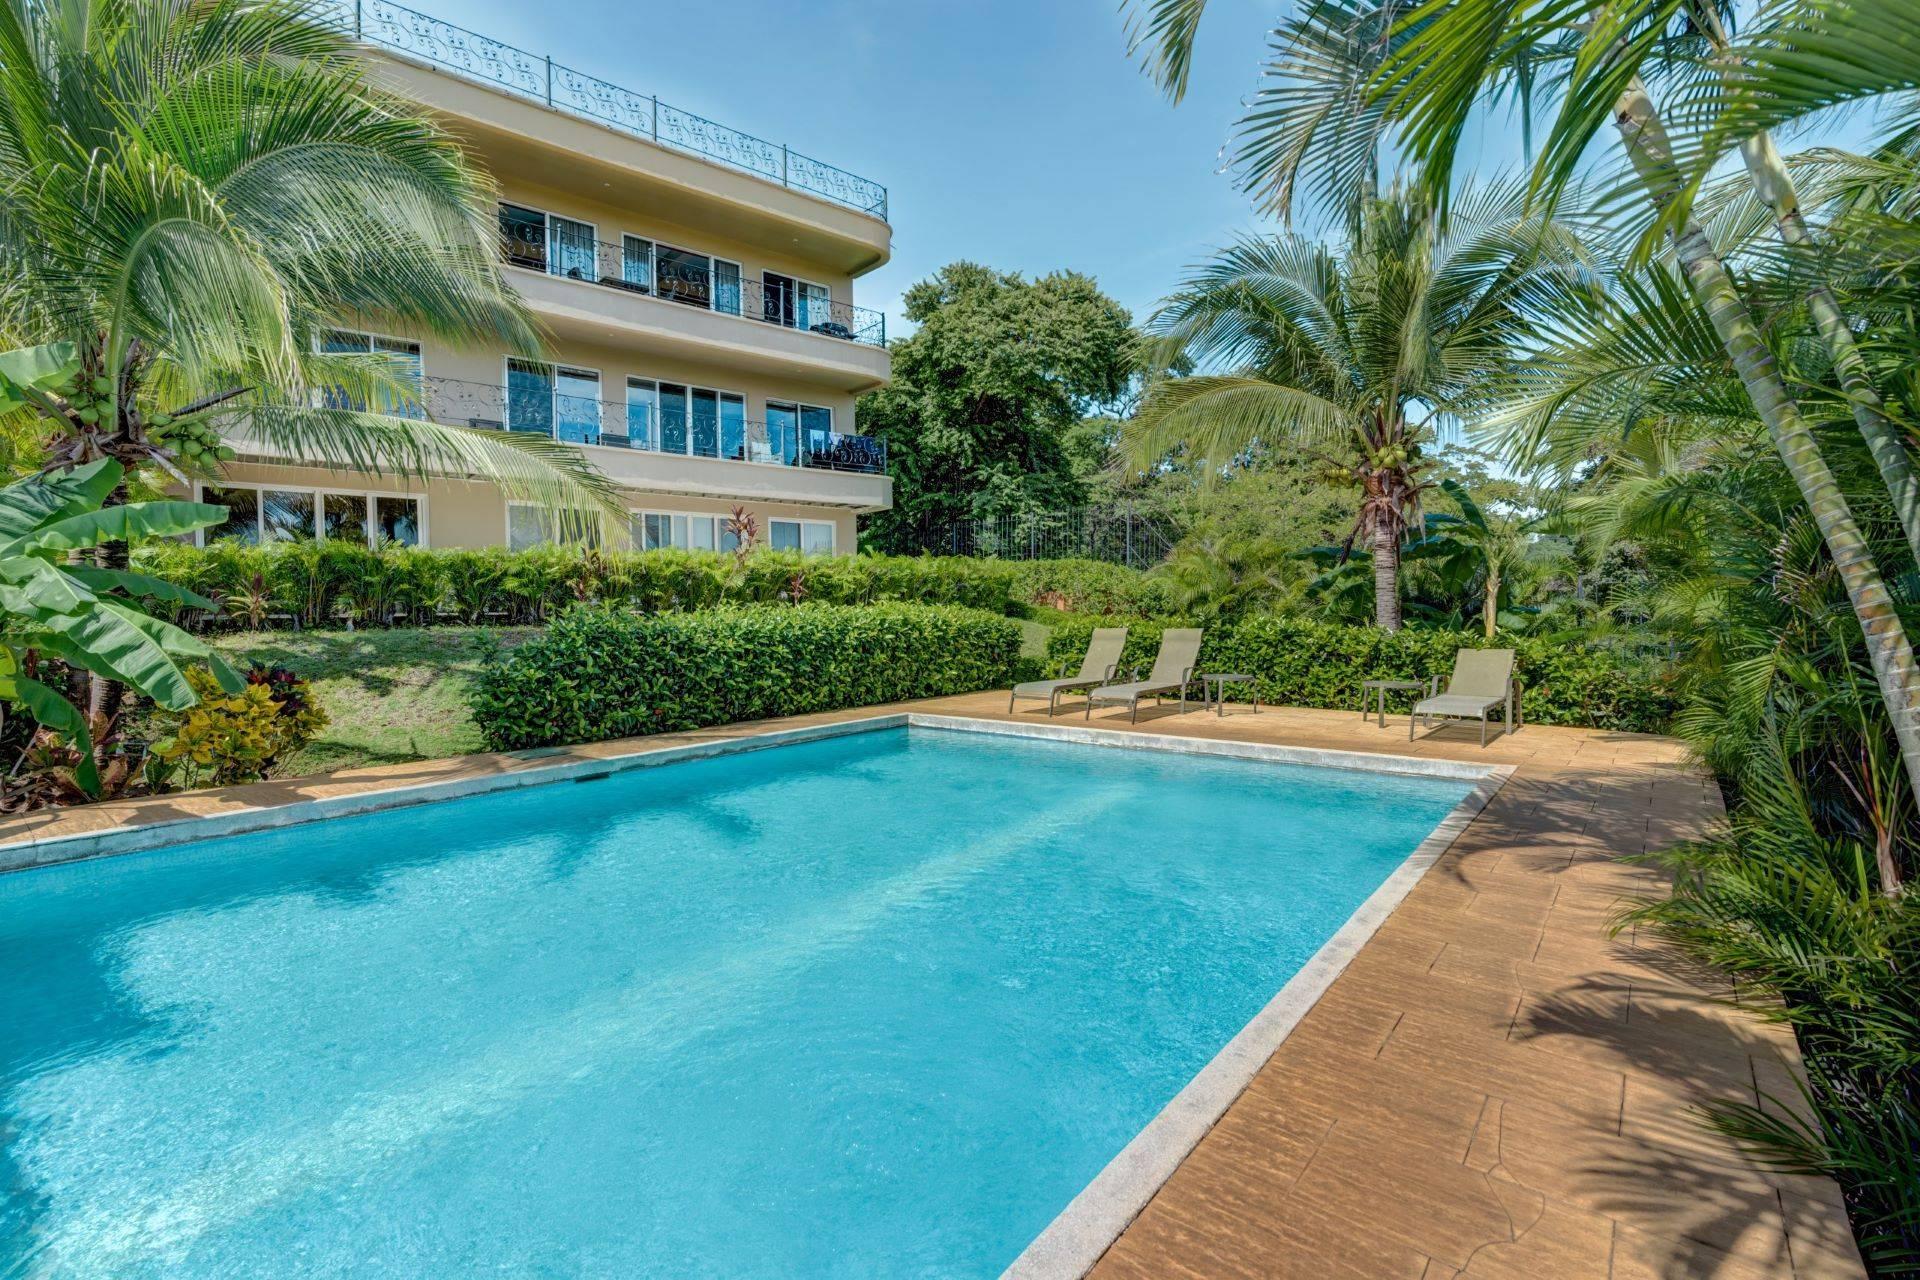 Maison Blanche #4 Ocean View Condo in Flamingo Beach